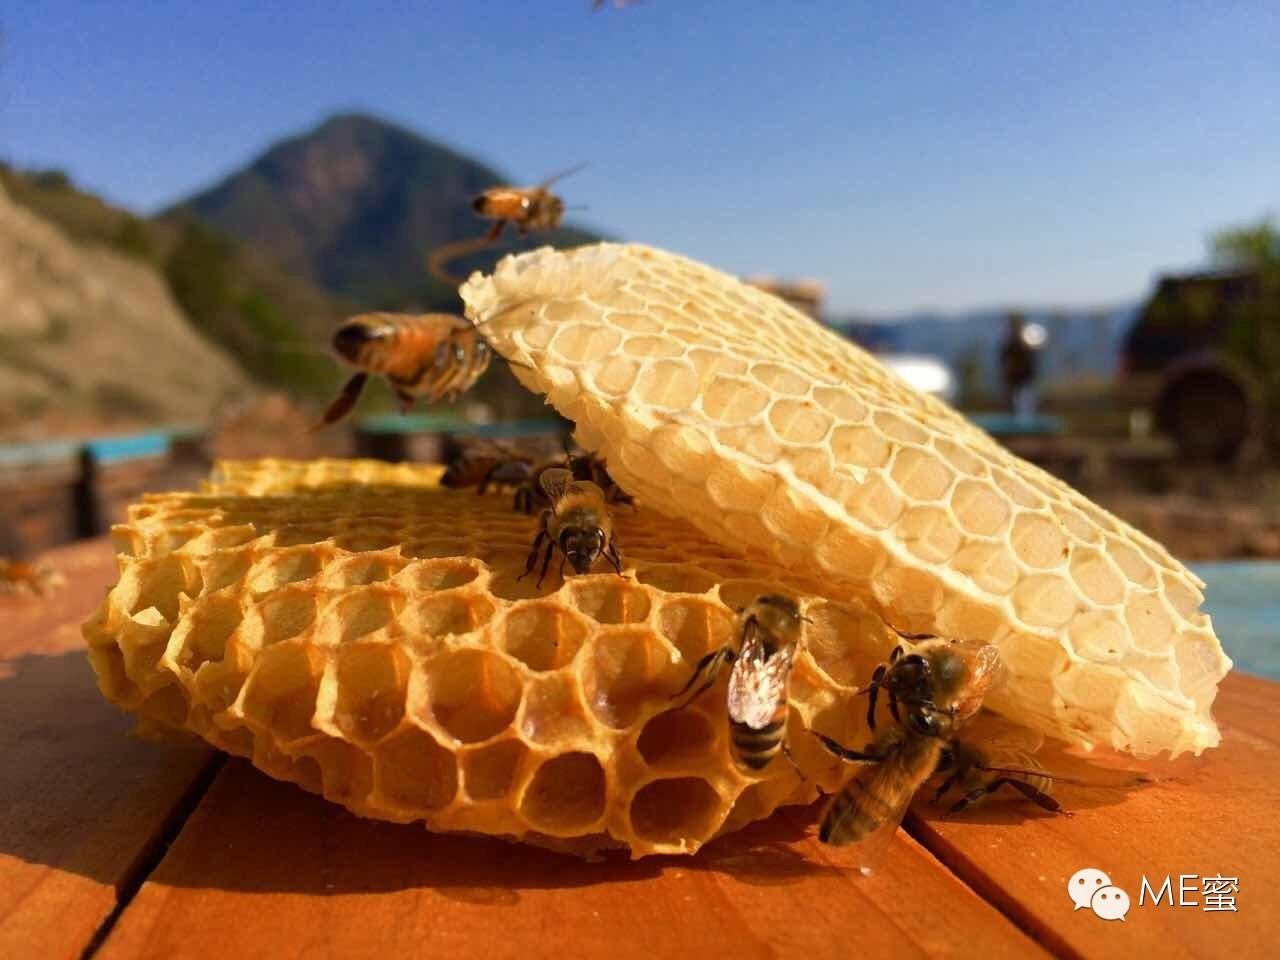 AAA 蜂蜜减肥法 发展历程 喝蜂蜜水的最佳时间 蛋黄蜂蜜面膜